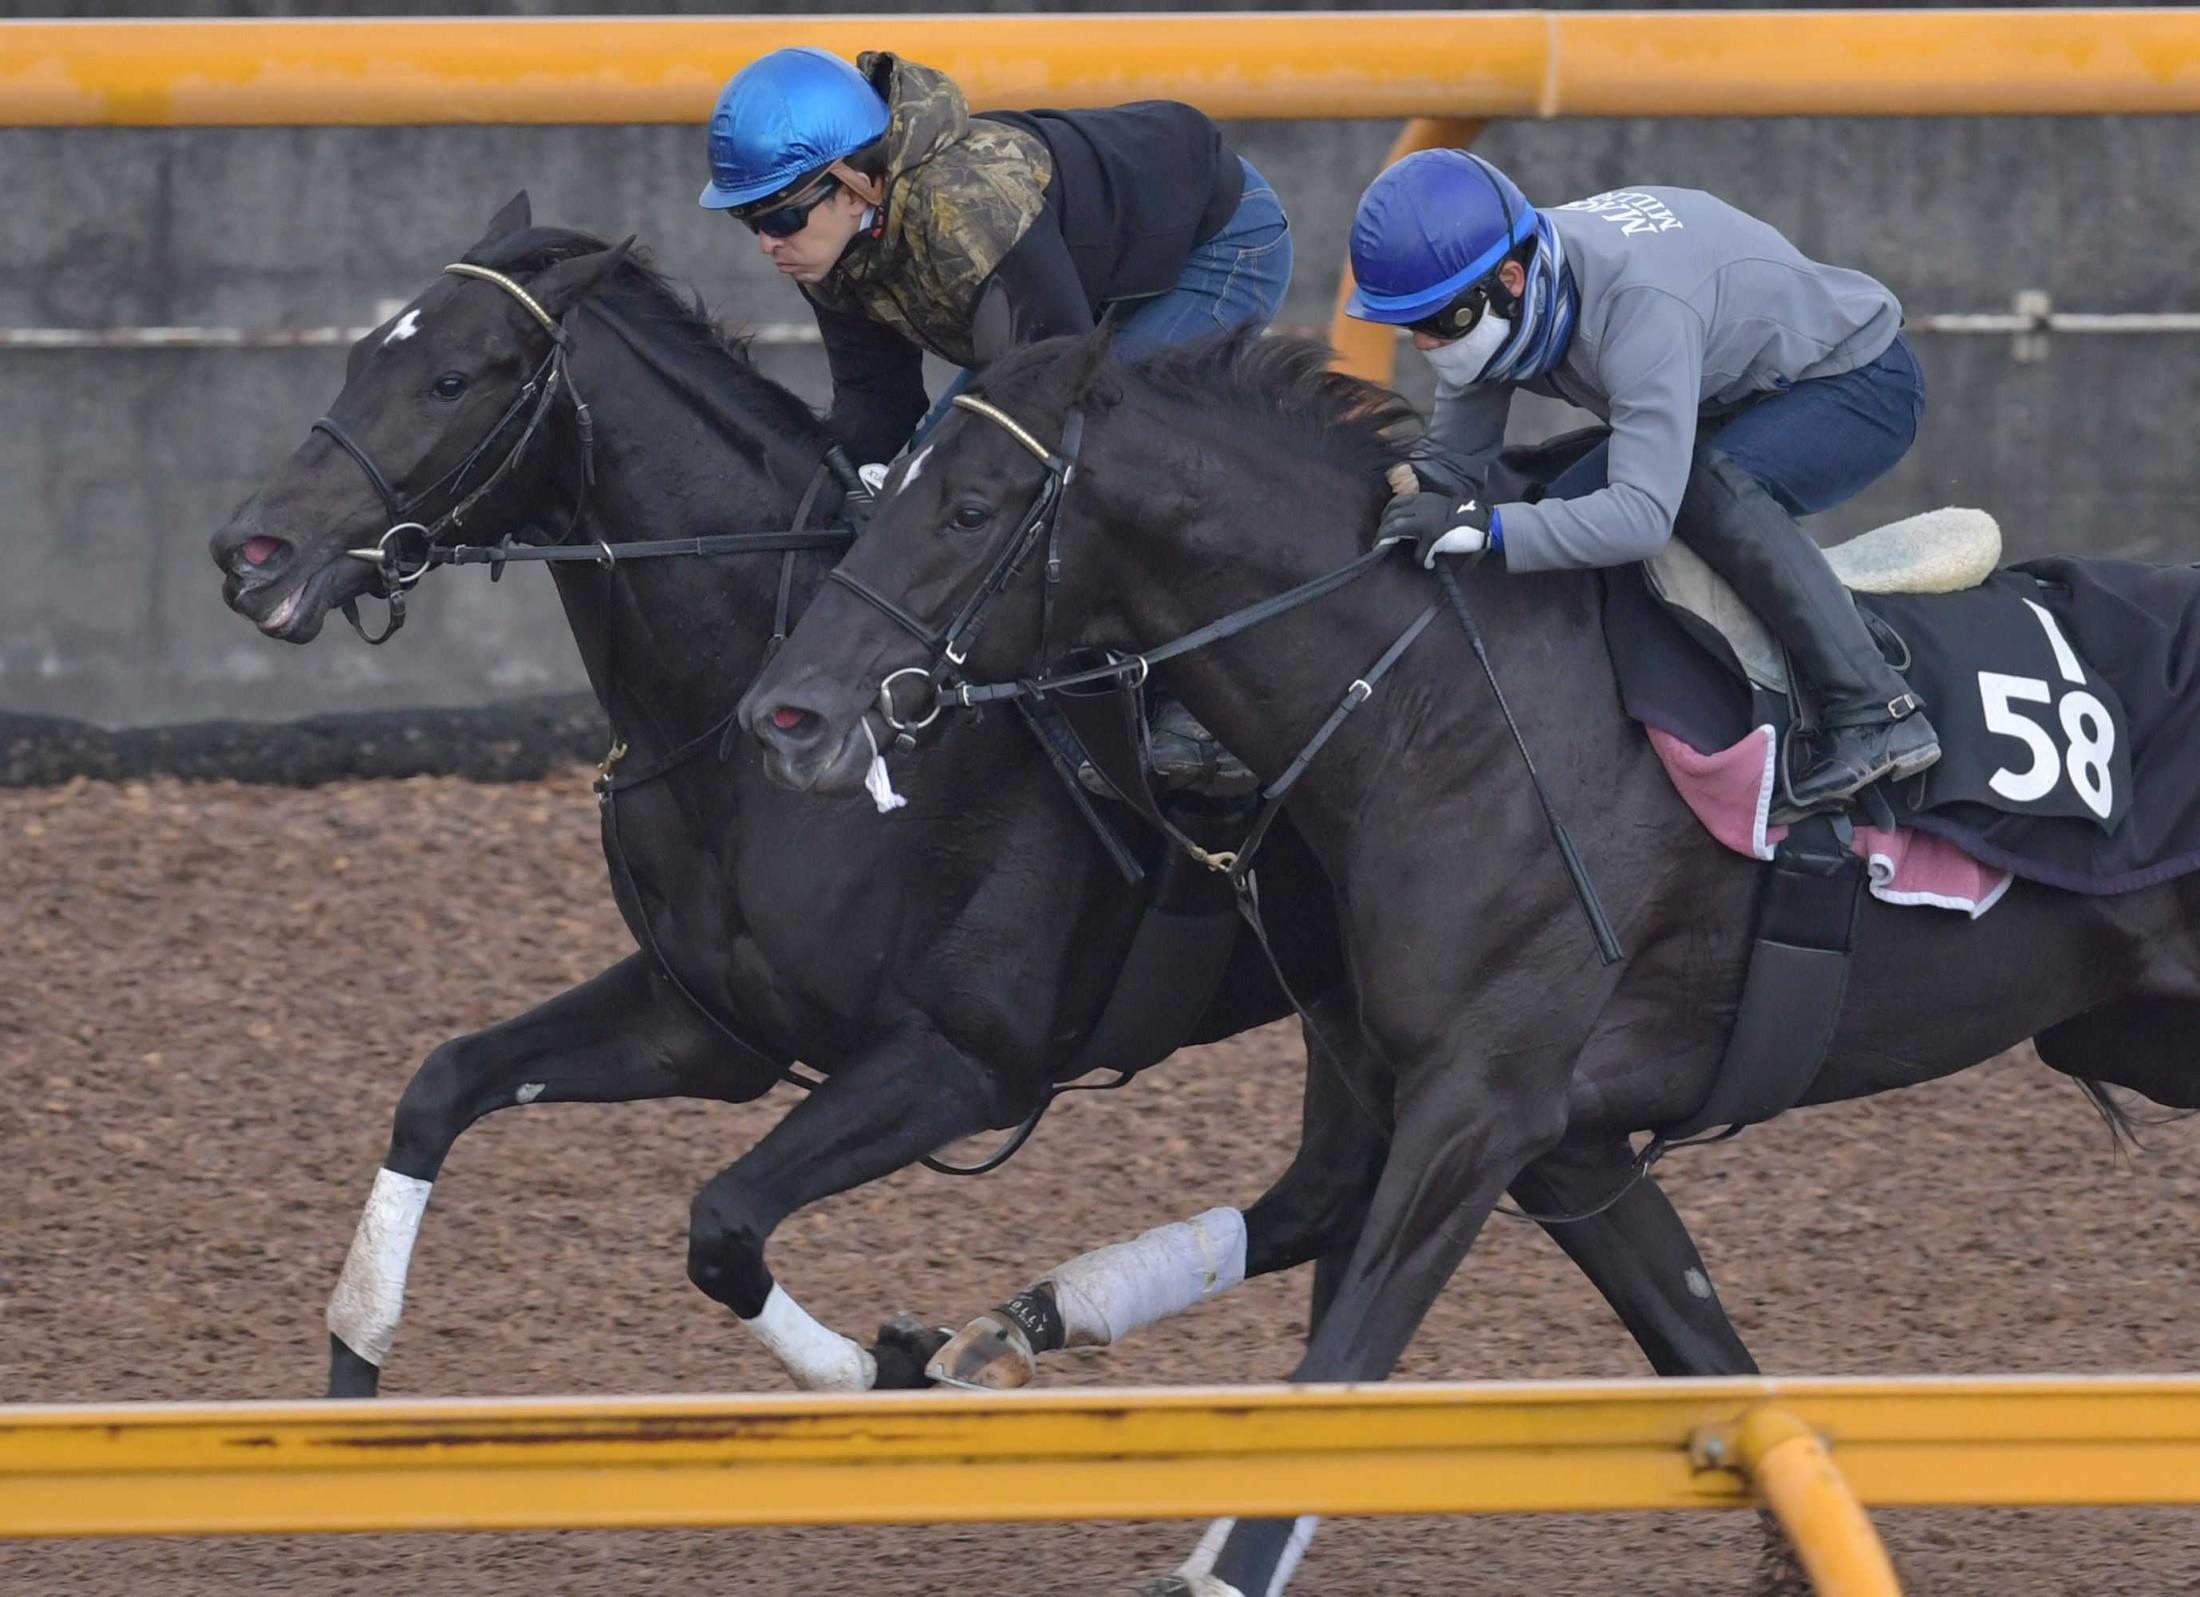 重賞初Vを目指すレッドベルオーブ(左)は力強い動きを披露(撮影・佐々木彰尚)